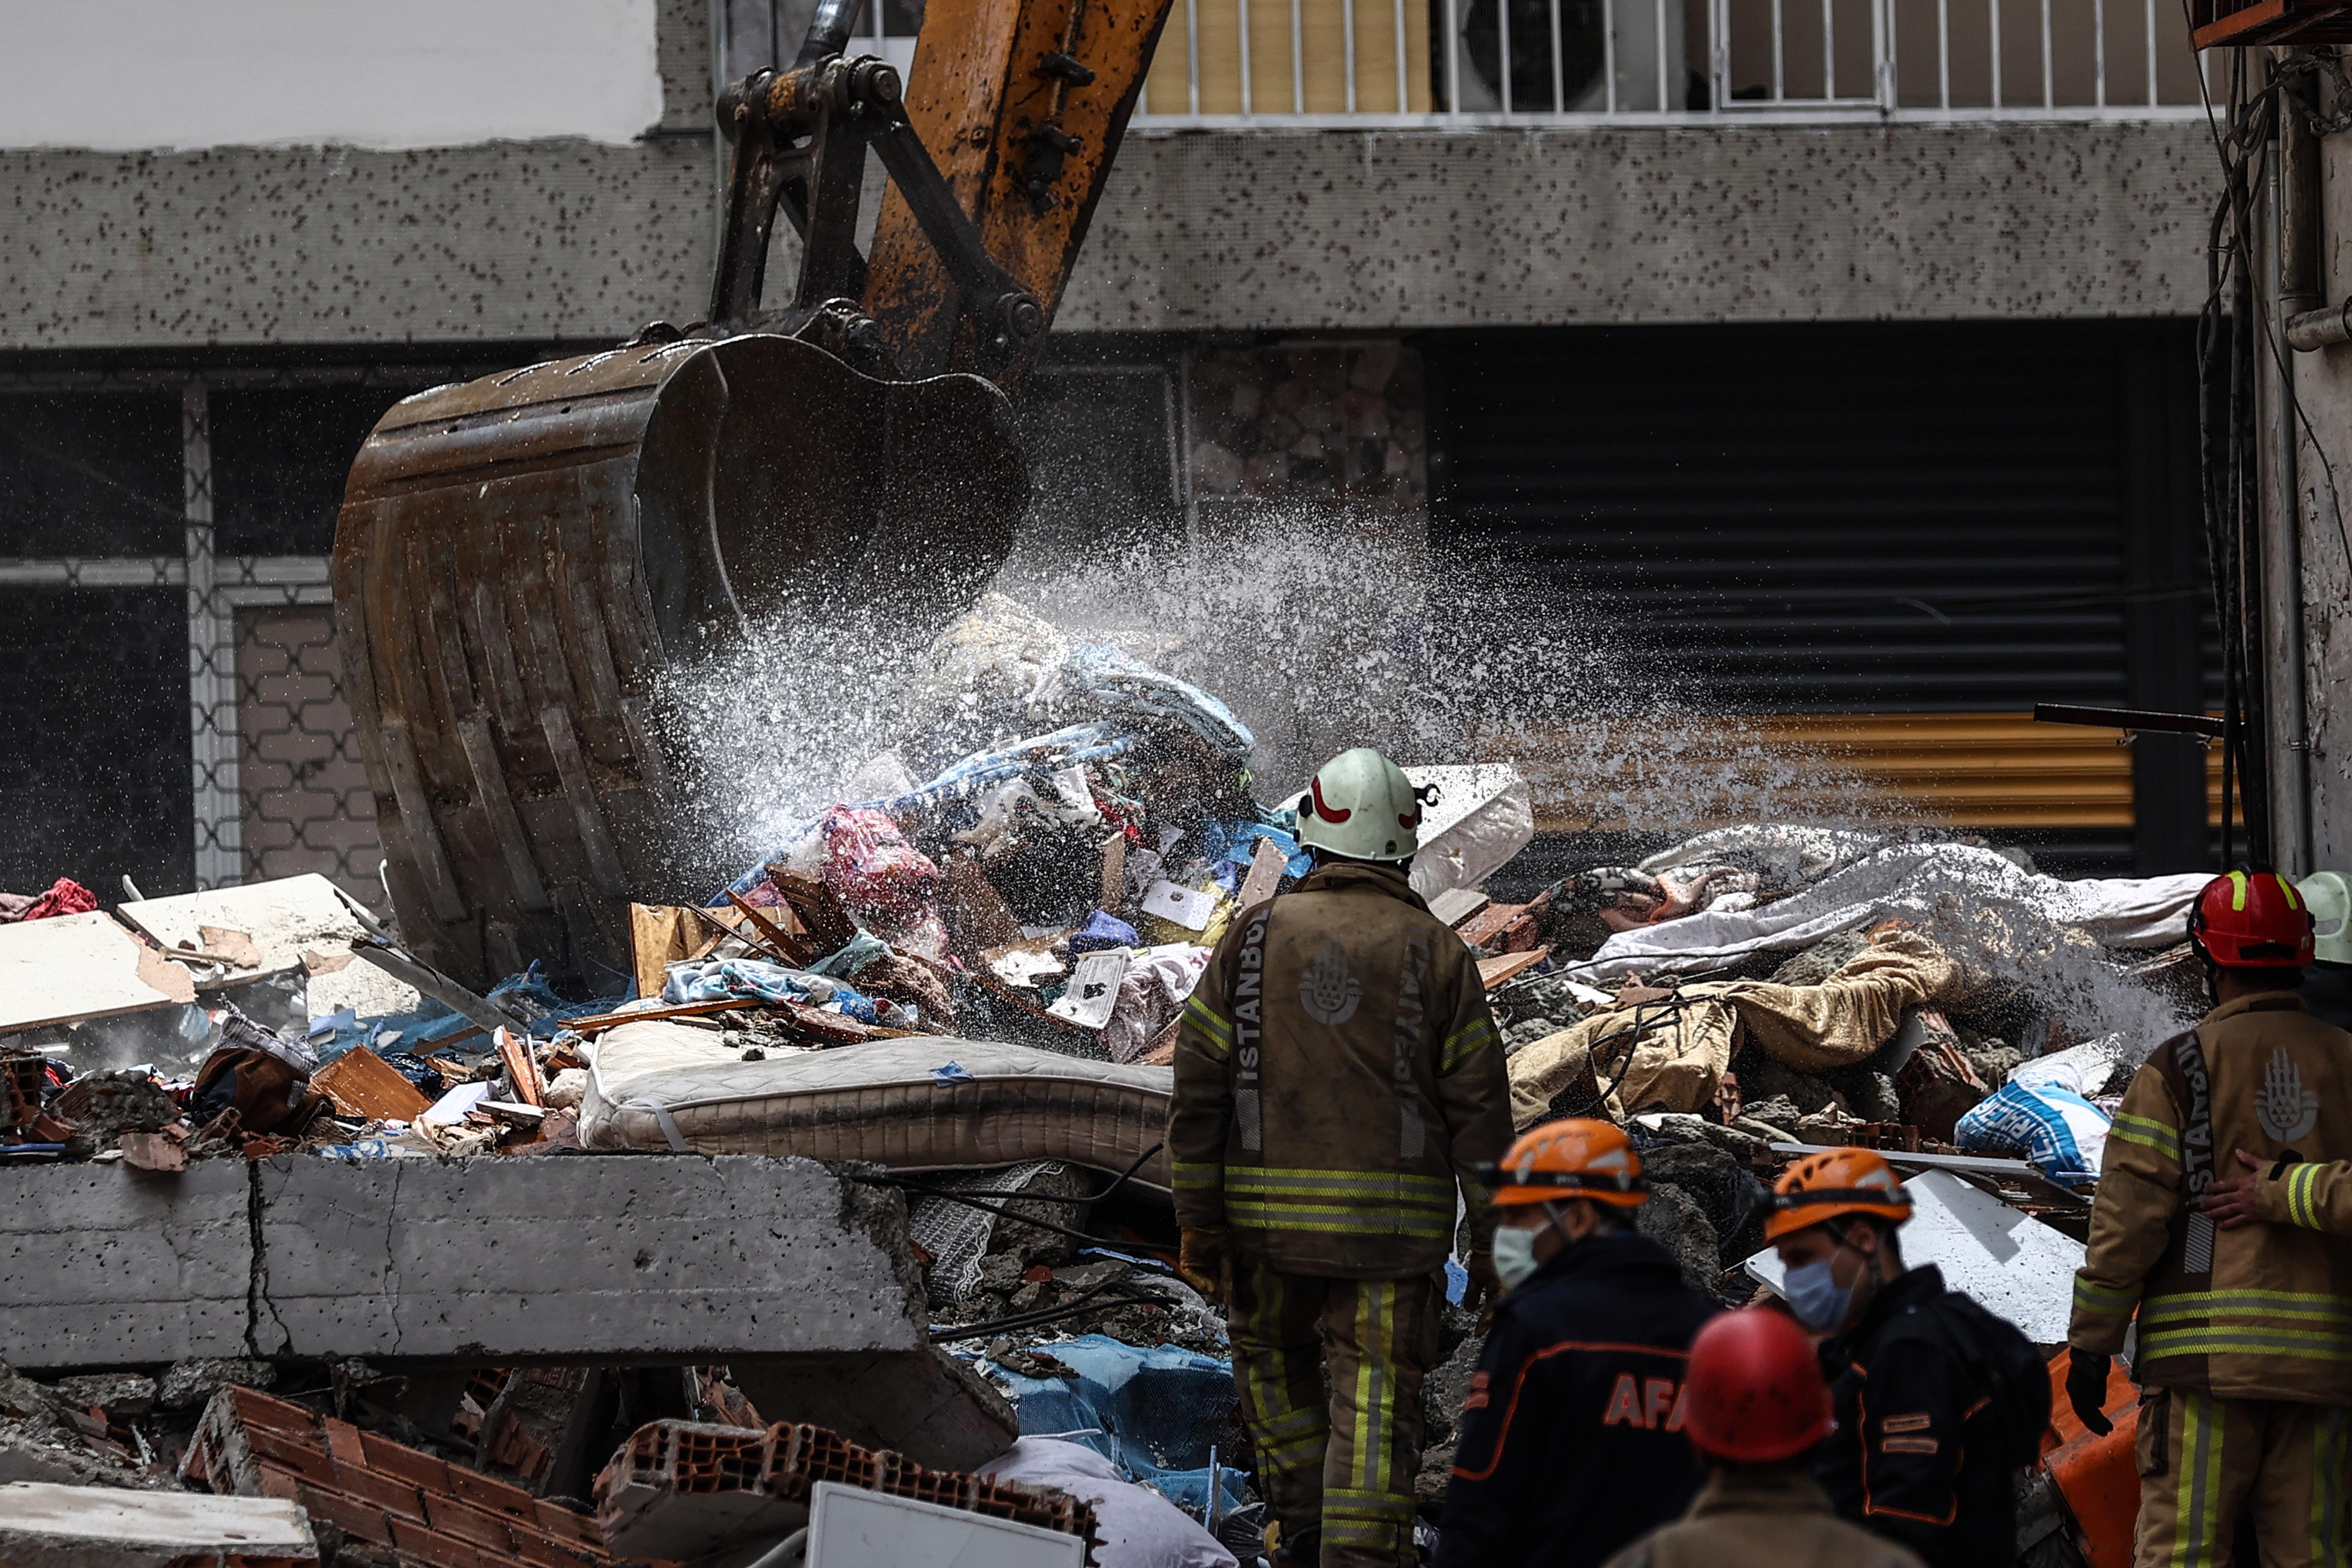 Zeytinburnu'nda 5 katlı bina çöktü: Daha önce boşaltılmış olması felaketi önledi